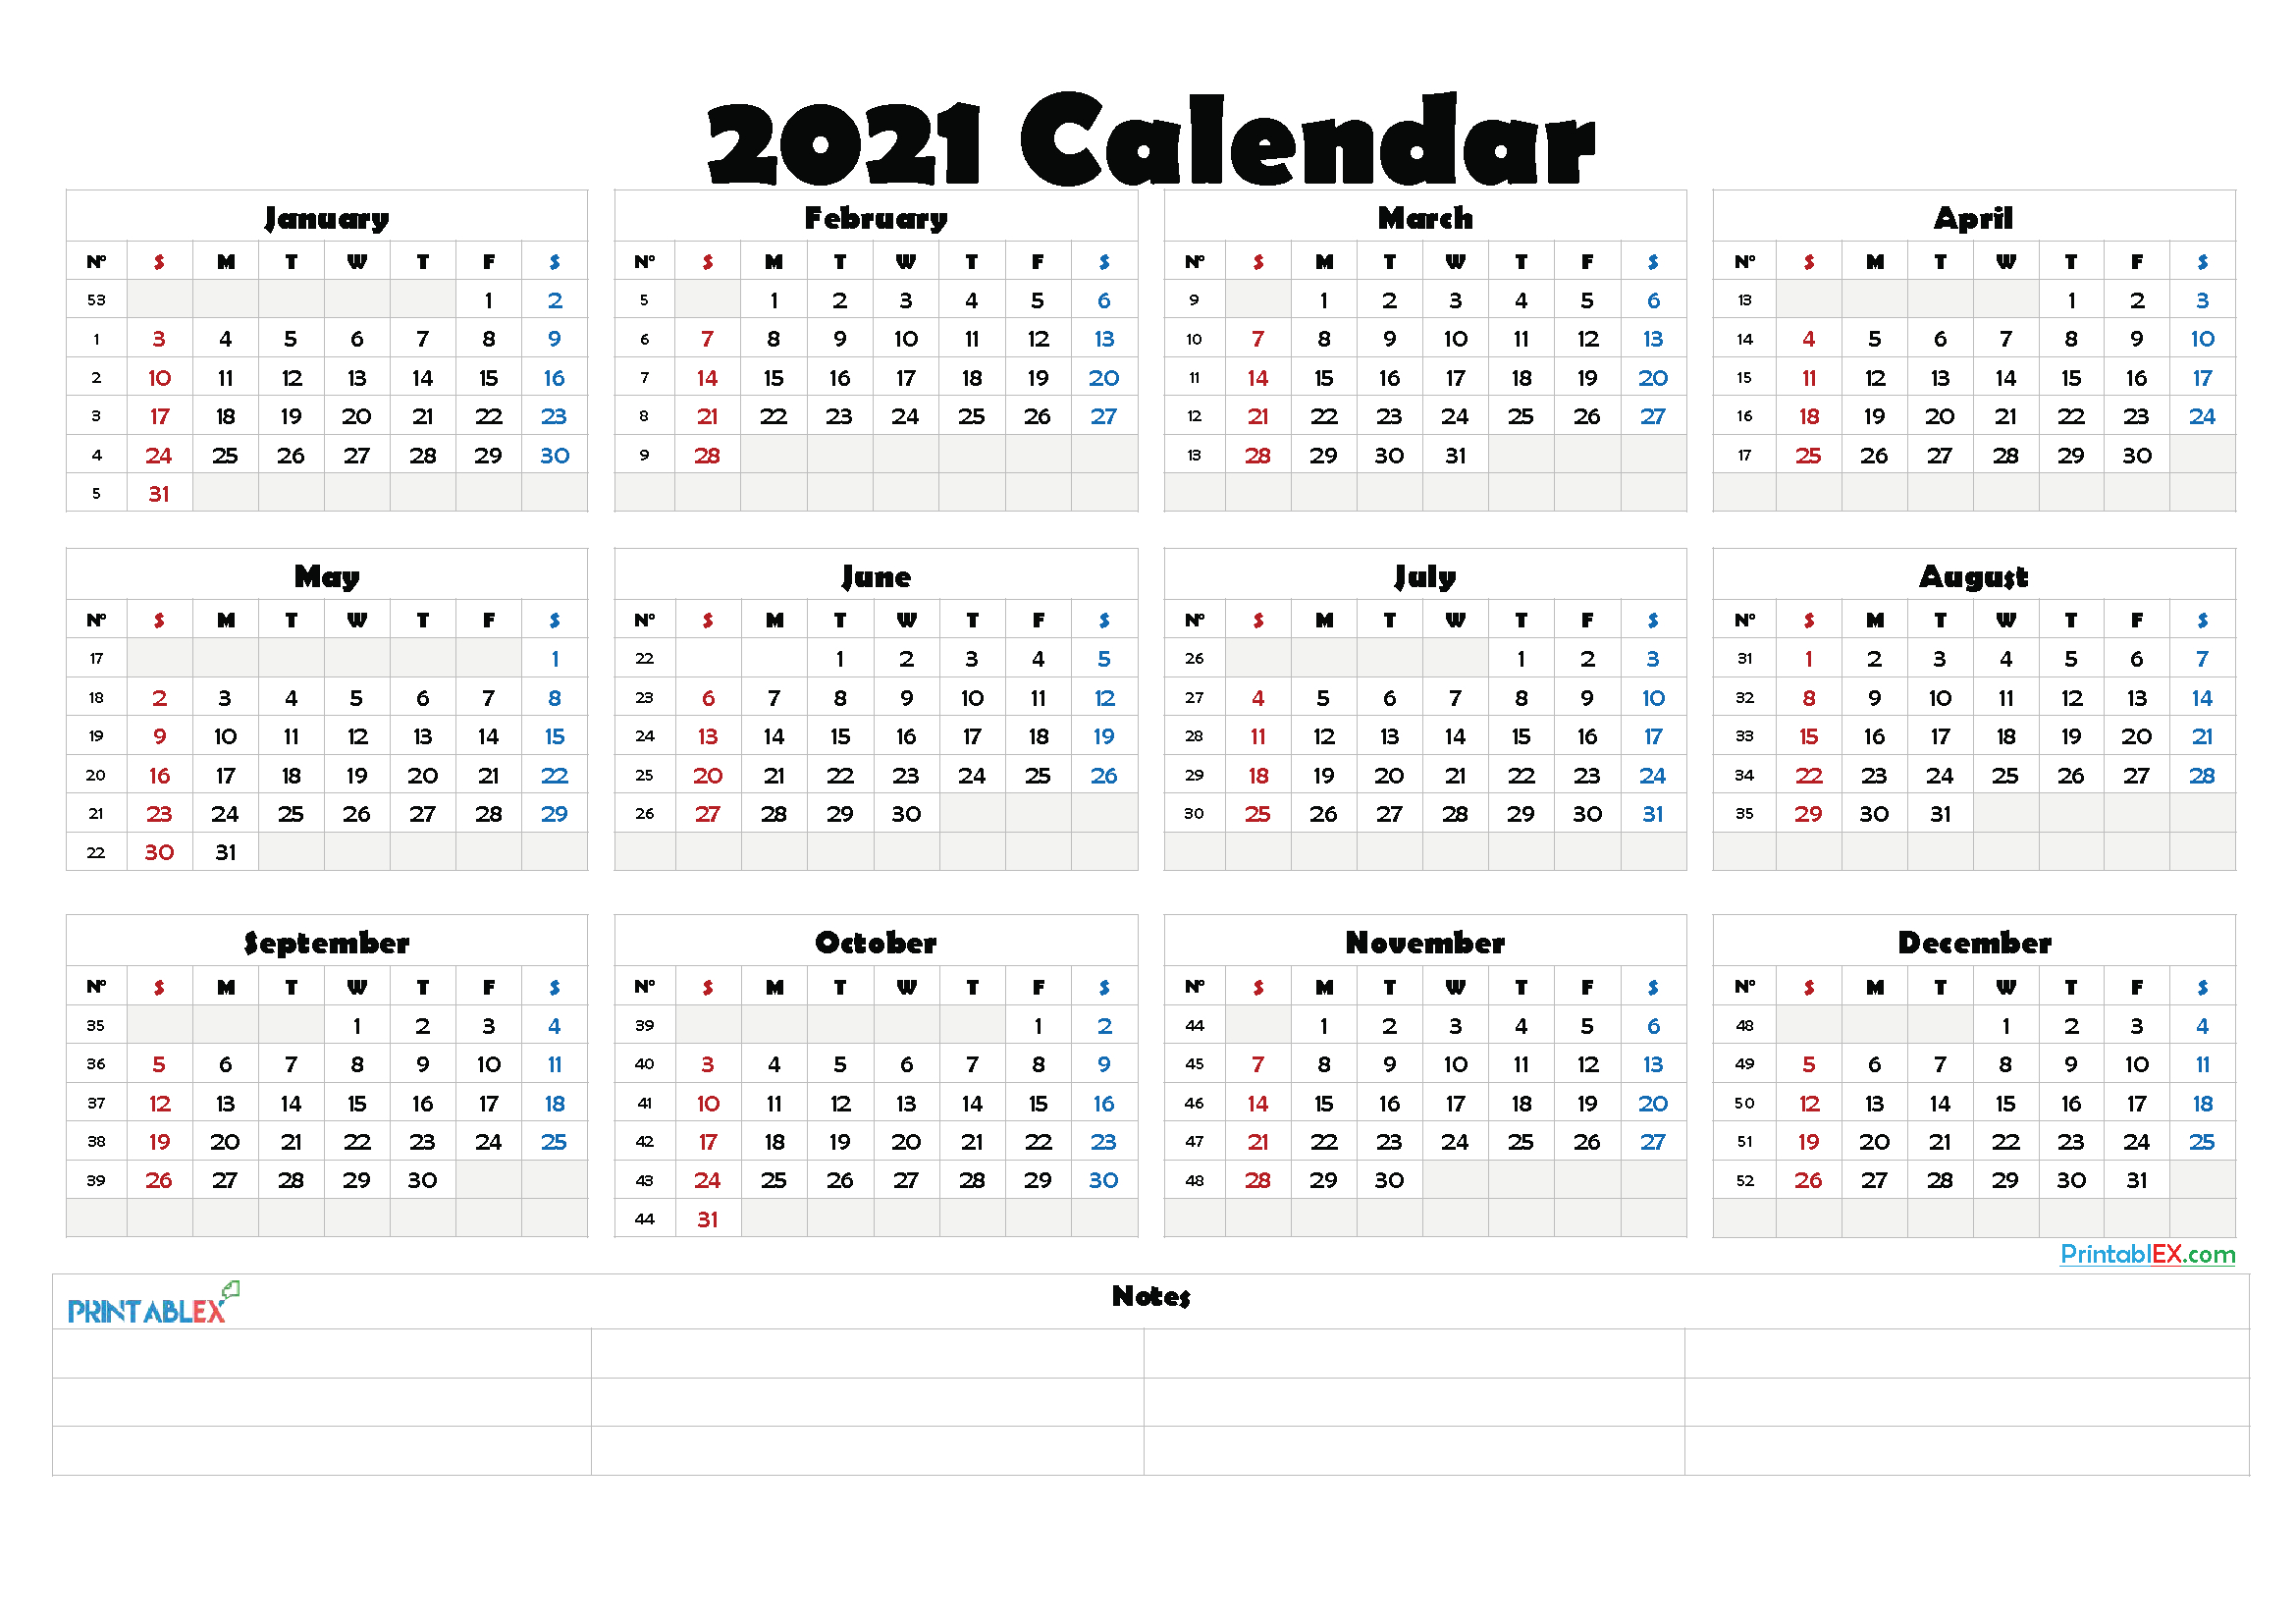 2021 Calendar With Week Number Printable Free - Week